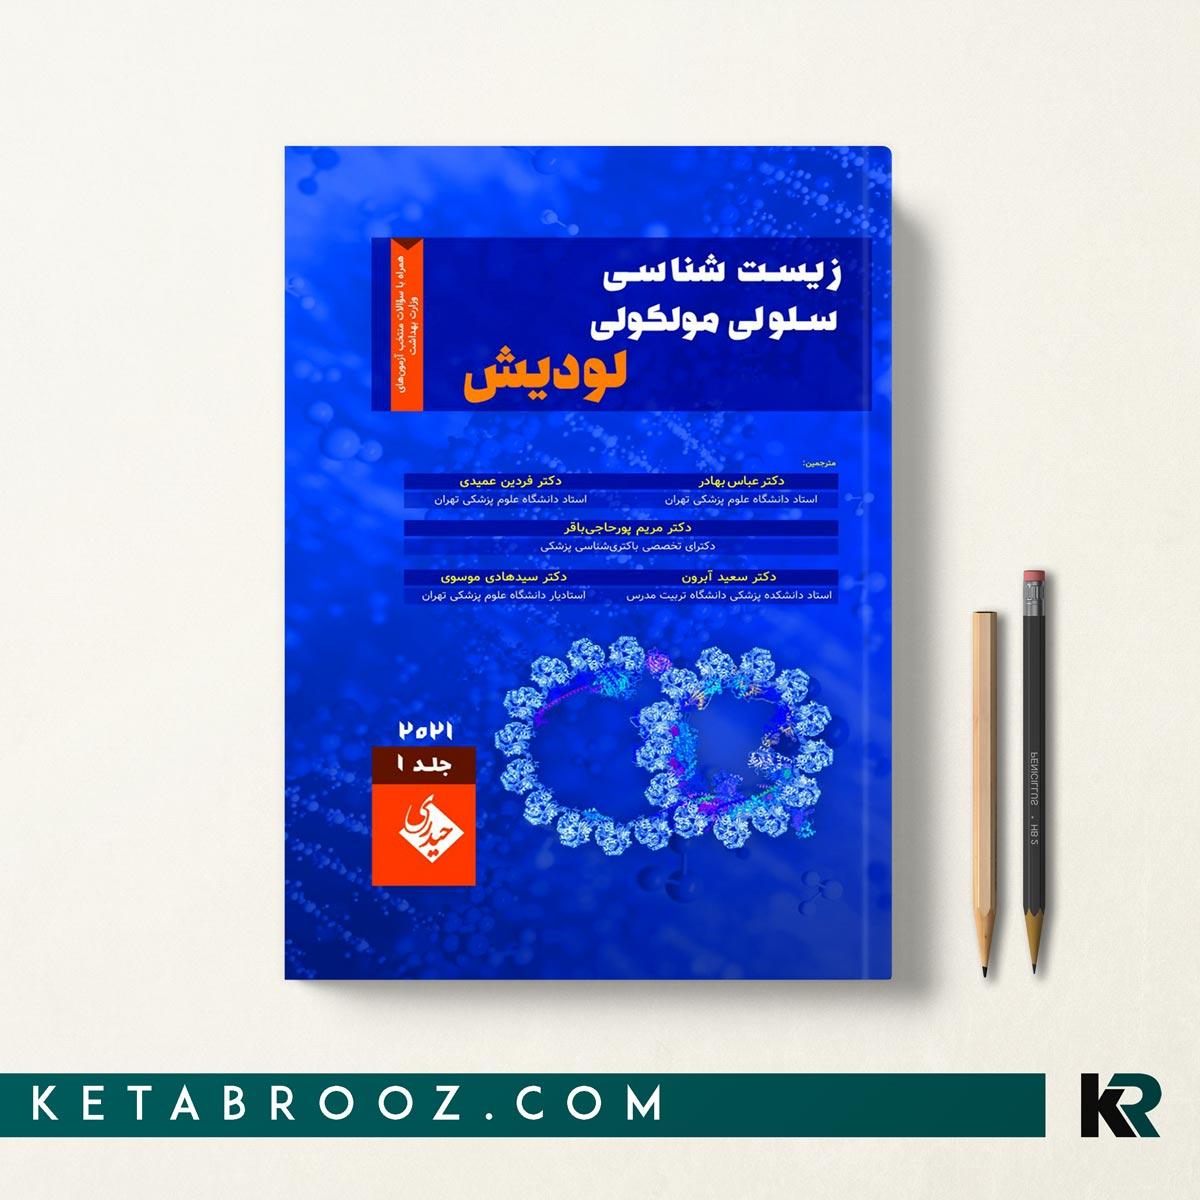 کتاب لودیش ترجمه دکتر بهادر